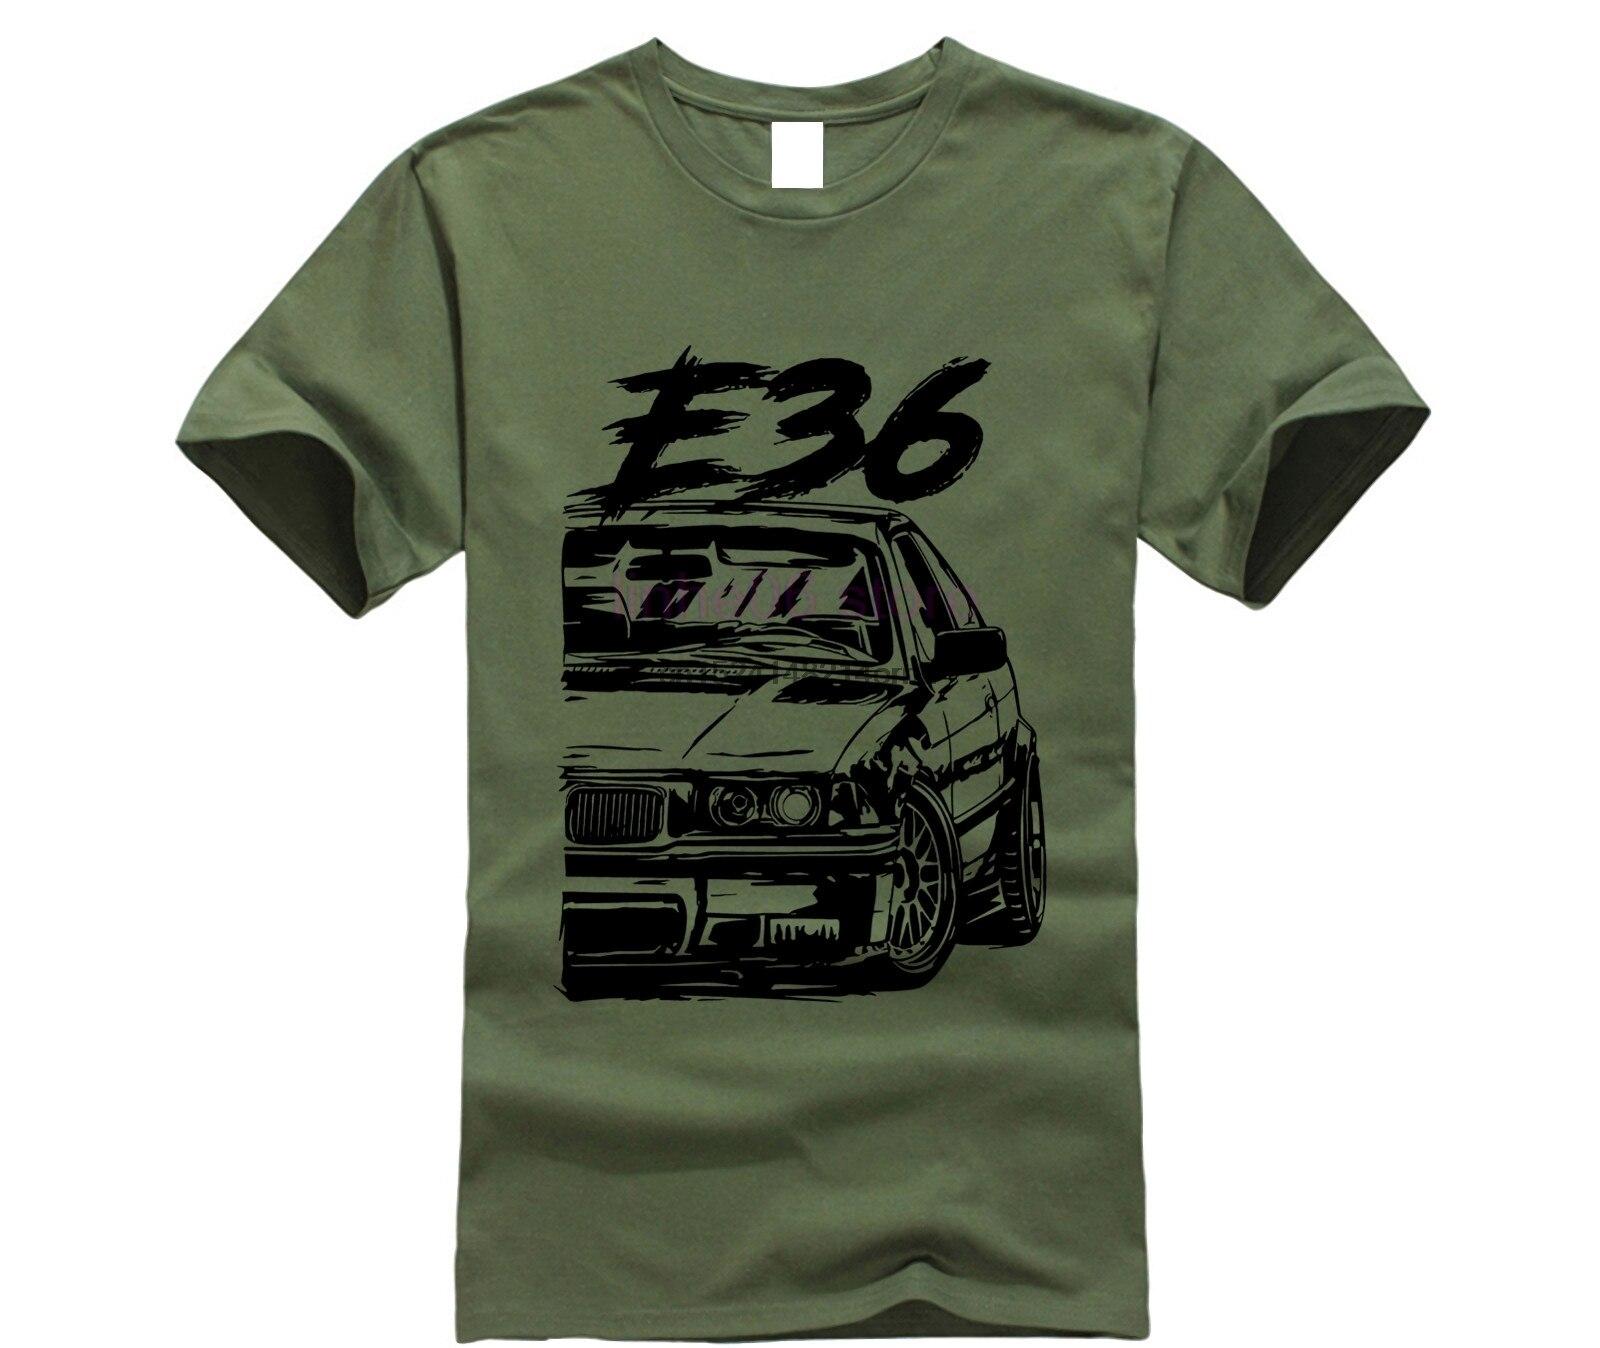 Hombres cuello redondo manga corta algodón personalizado gran tamaño Primer conor mcgregor camiseta divertida PILA DE E36 variaciones camiseta los hombres camisetas